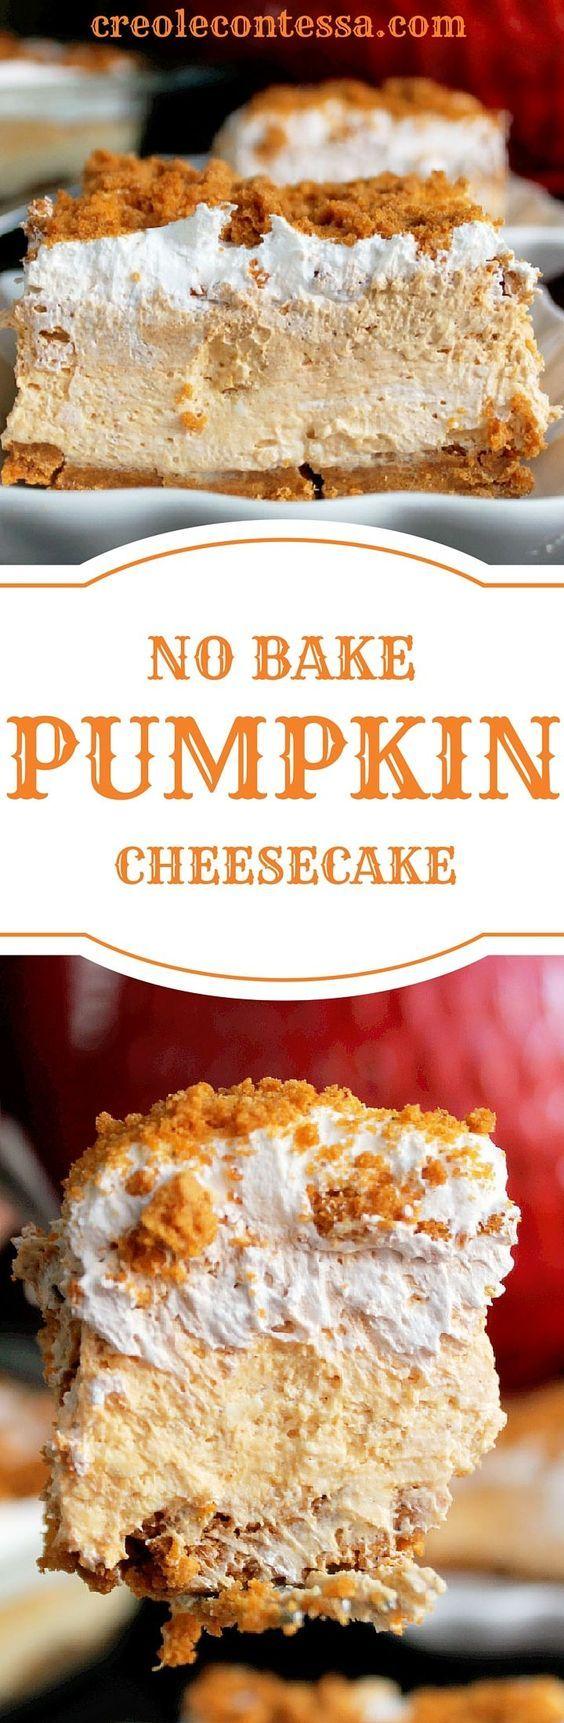 No Bake Pumpkin Cheesecake Lasagna